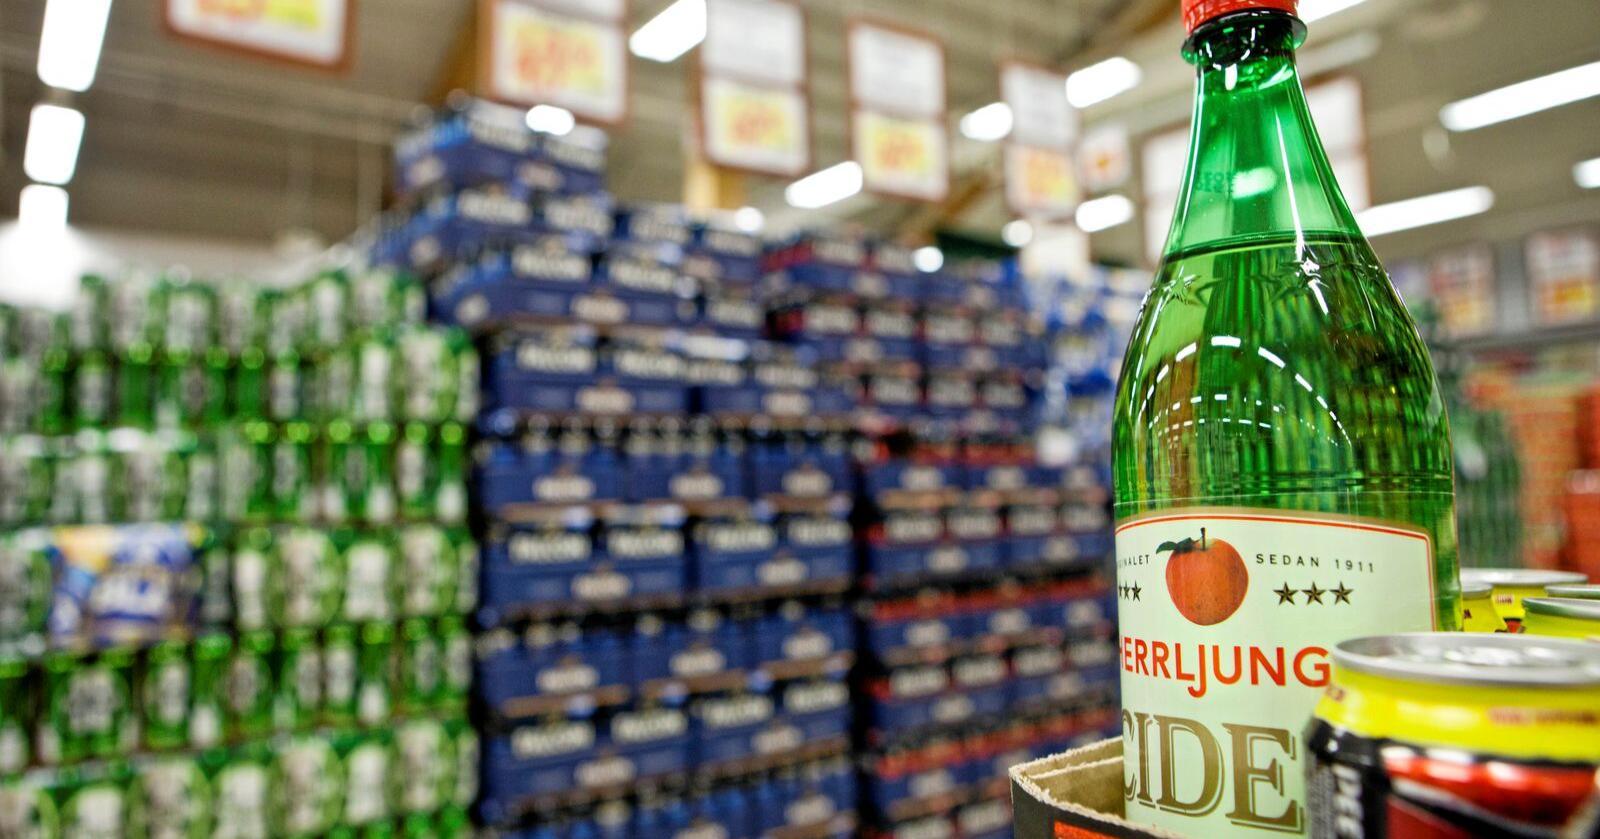 Sjølsagt har bortfall av svenskehandelen under koronaepidemien auka kjøpet av drikkevarer i Norge, men det er forklaringa berre for ein del av auken, skriv Martinus Løvik. Foto: Thomas Winje Øijord / NTB scanpix